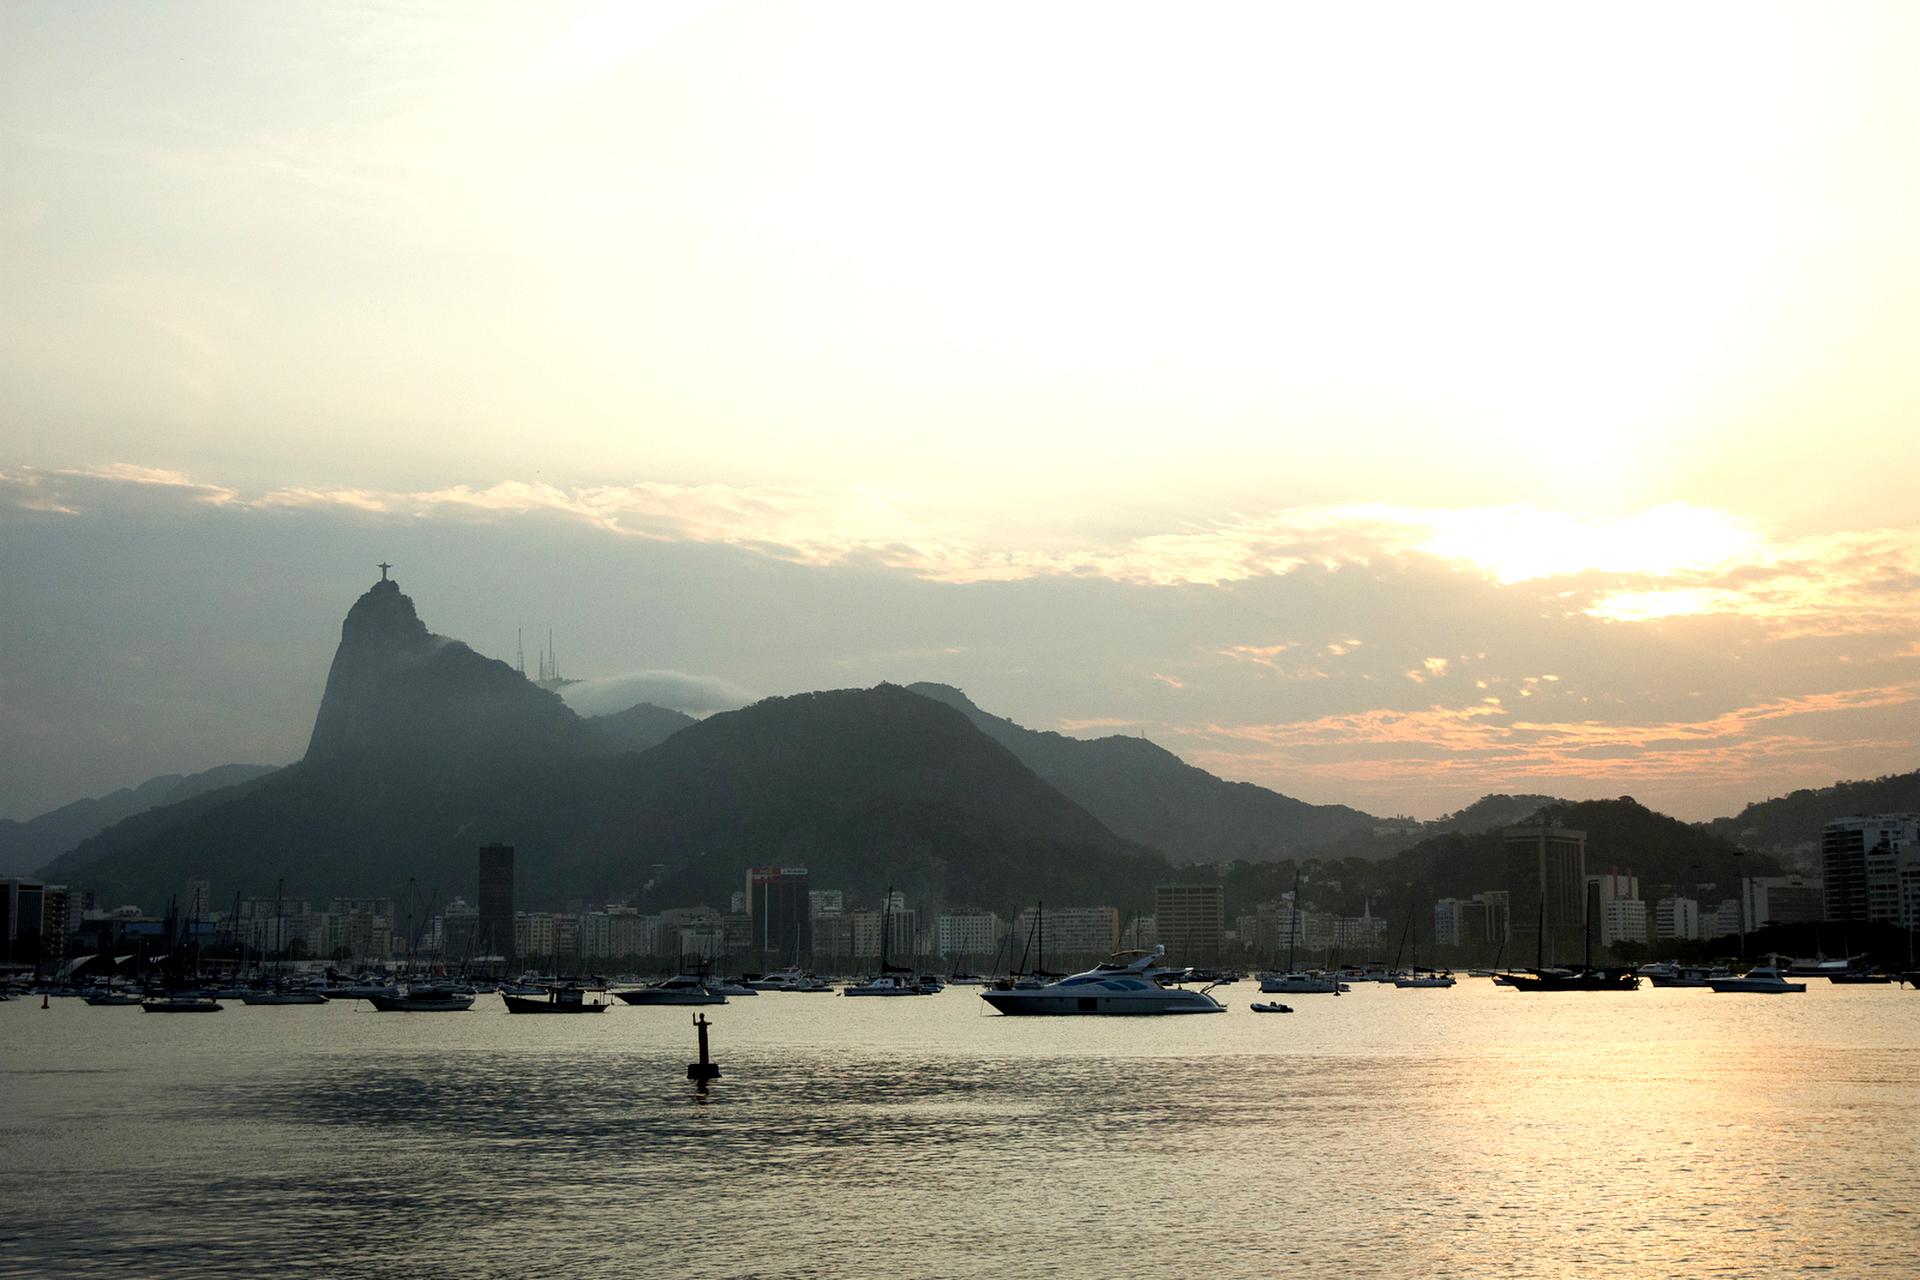 0021_160809_RIO_DAY1_0743_LR